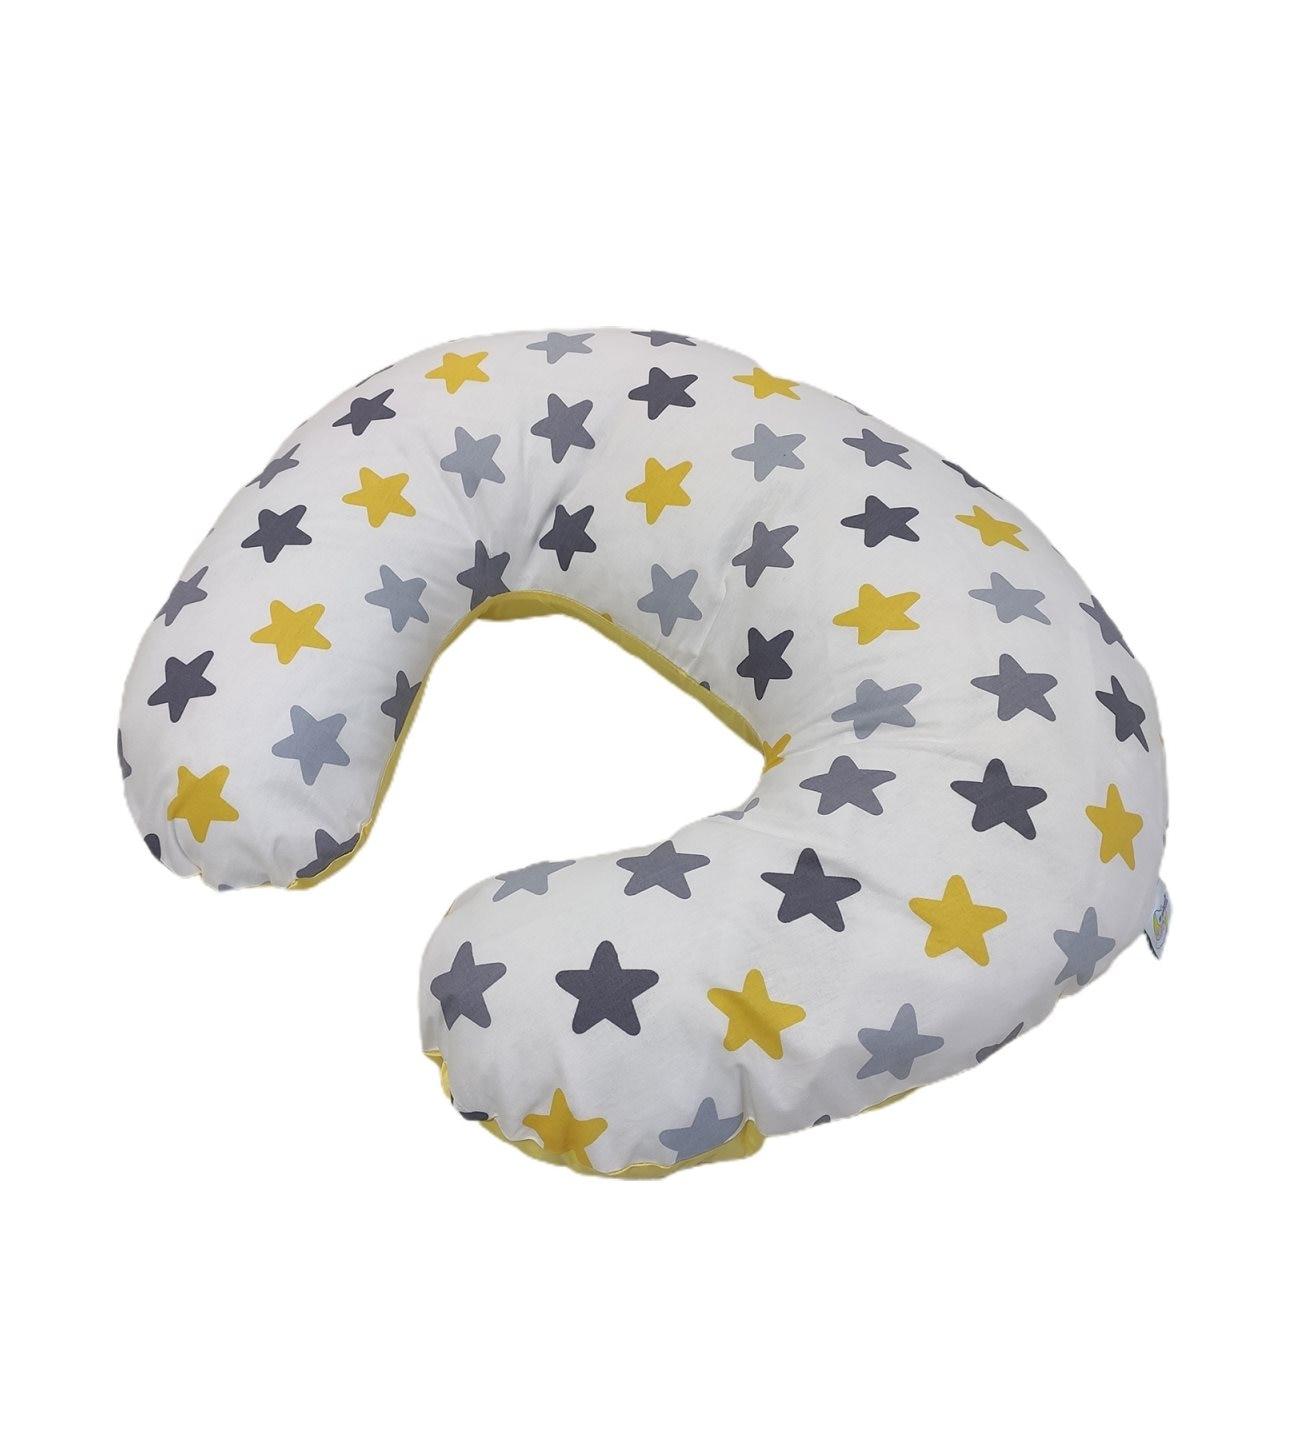 Детская подушка для грудного вскармливания, цветные варианты со звездочками, товары для мам, подушки для грудного вскармливания